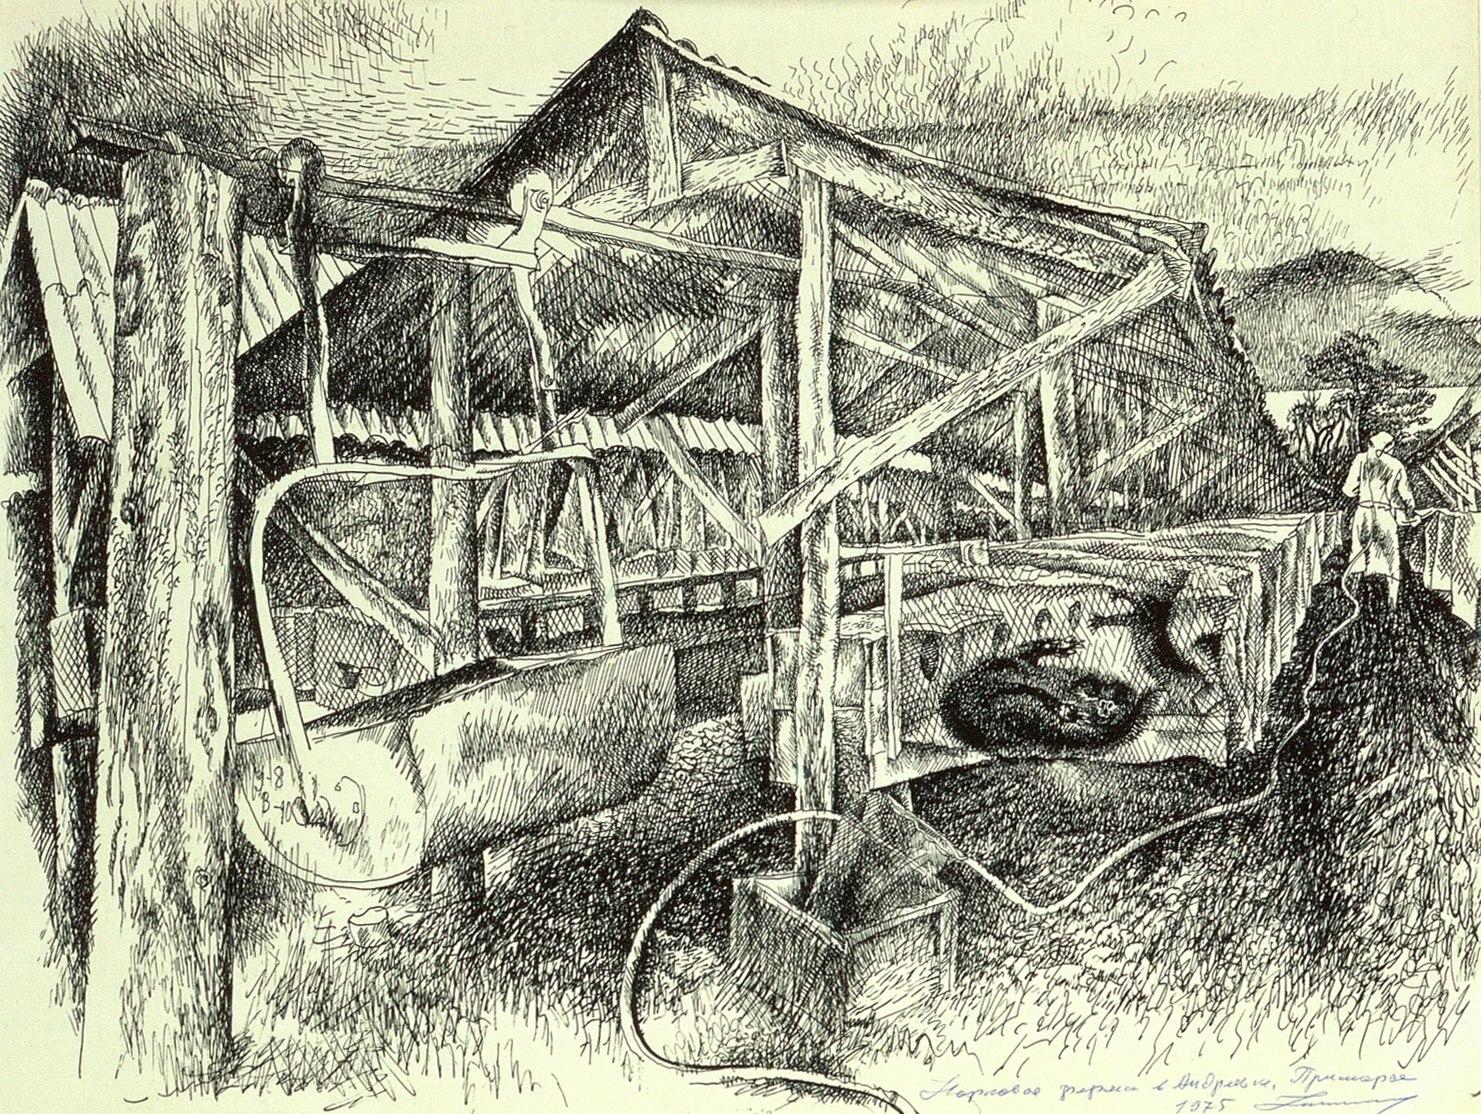 Норковая ферма в Андреевке, Приморье